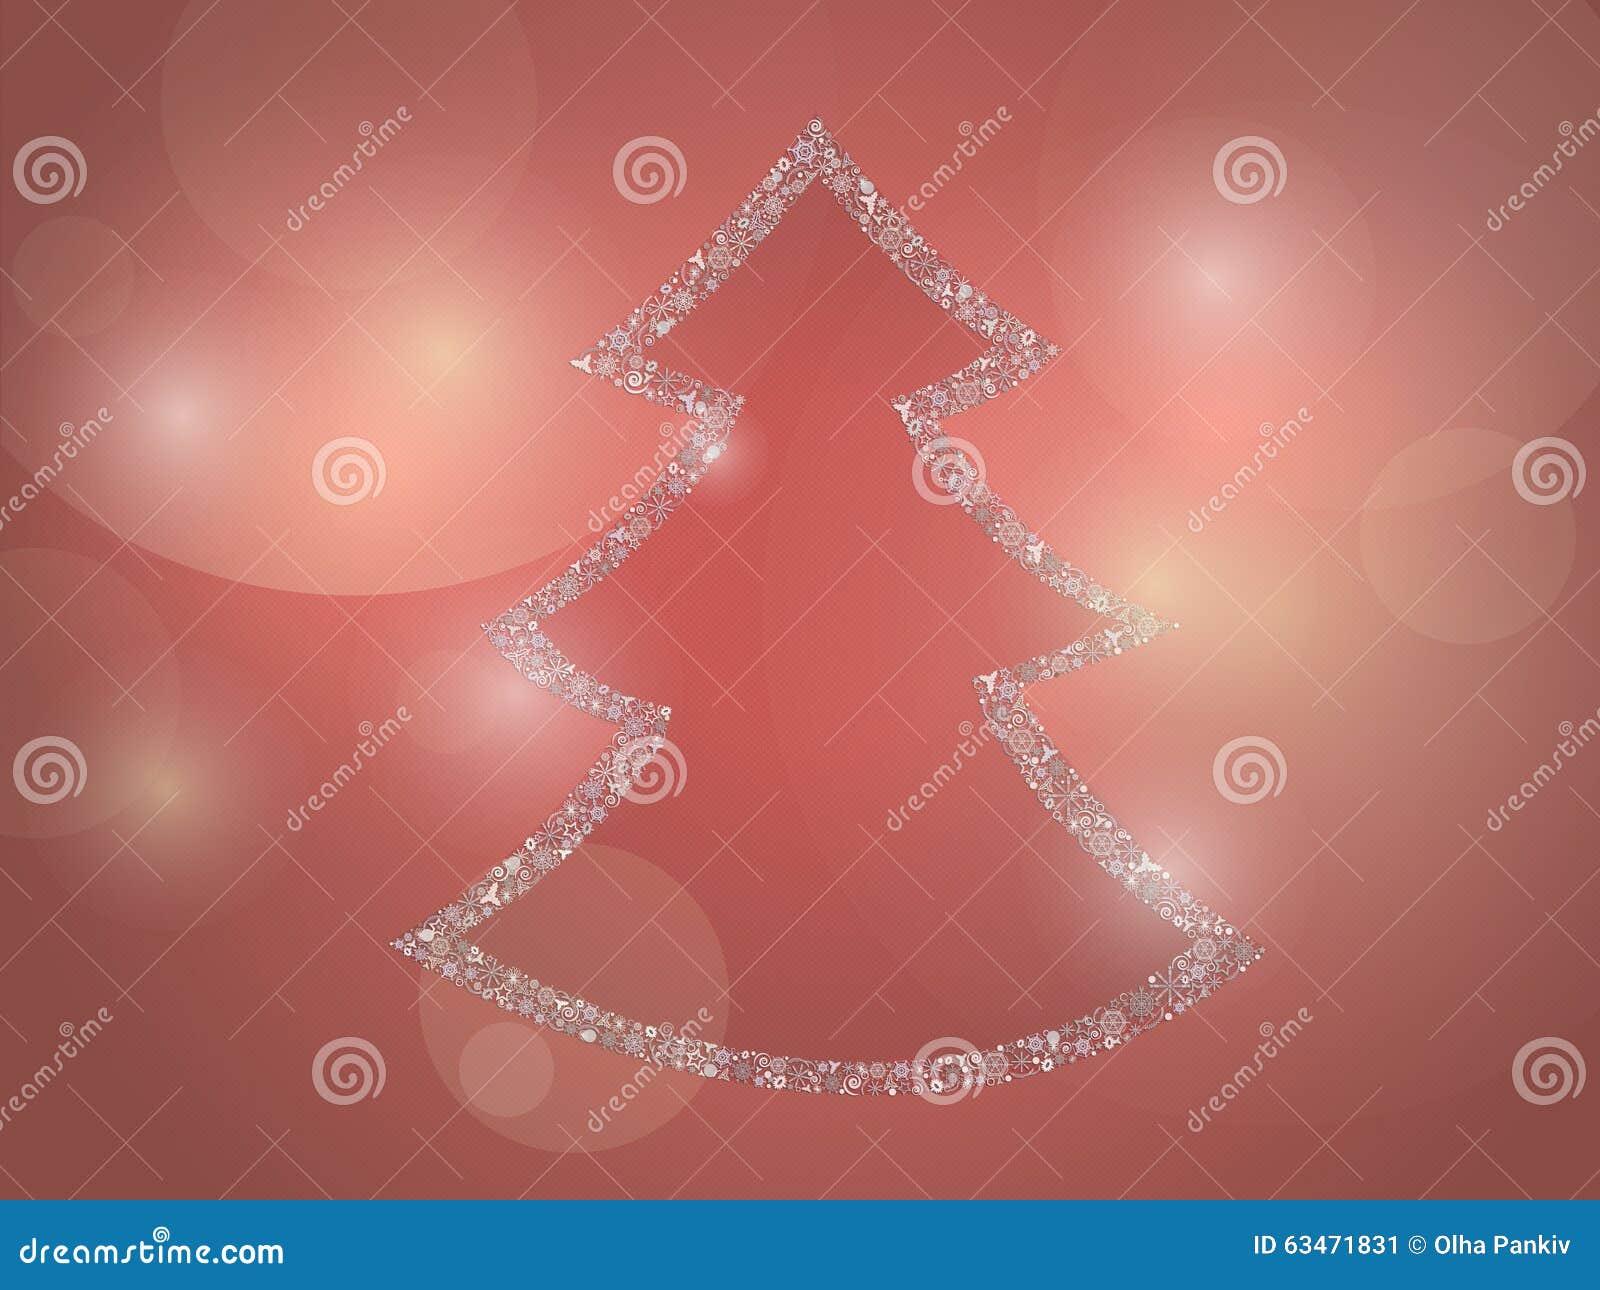 stilisierter weihnachtsbaum auf einem roten hintergrund. Black Bedroom Furniture Sets. Home Design Ideas